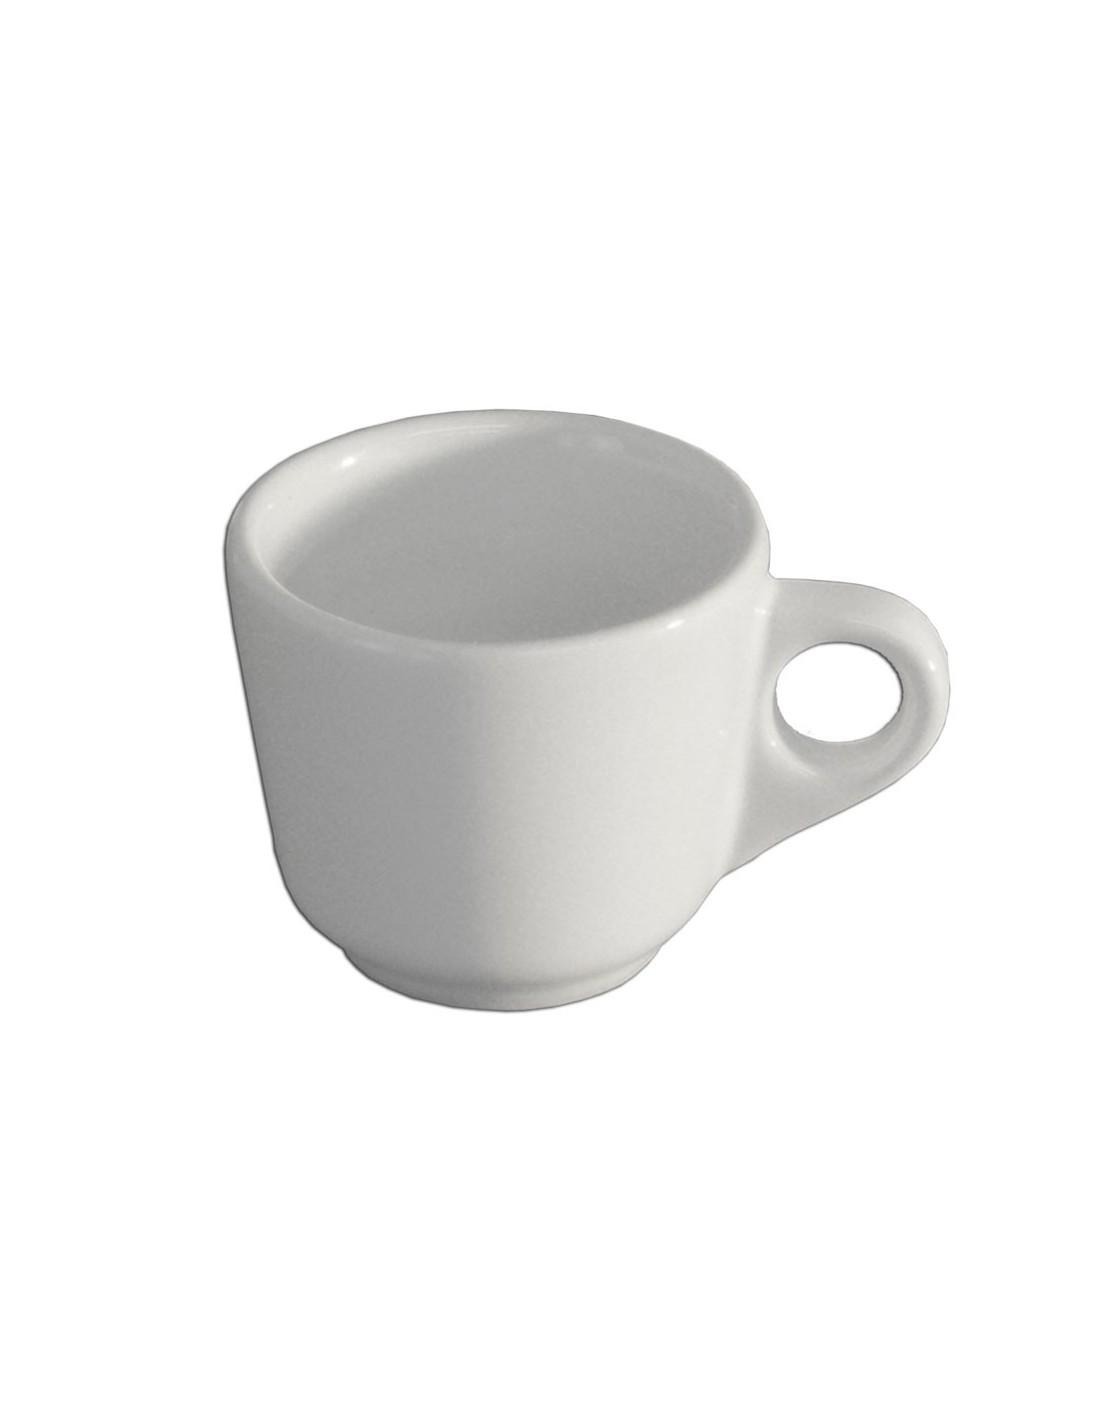 Taza moka o para espresso anfora blanco polar for Tazas para espresso